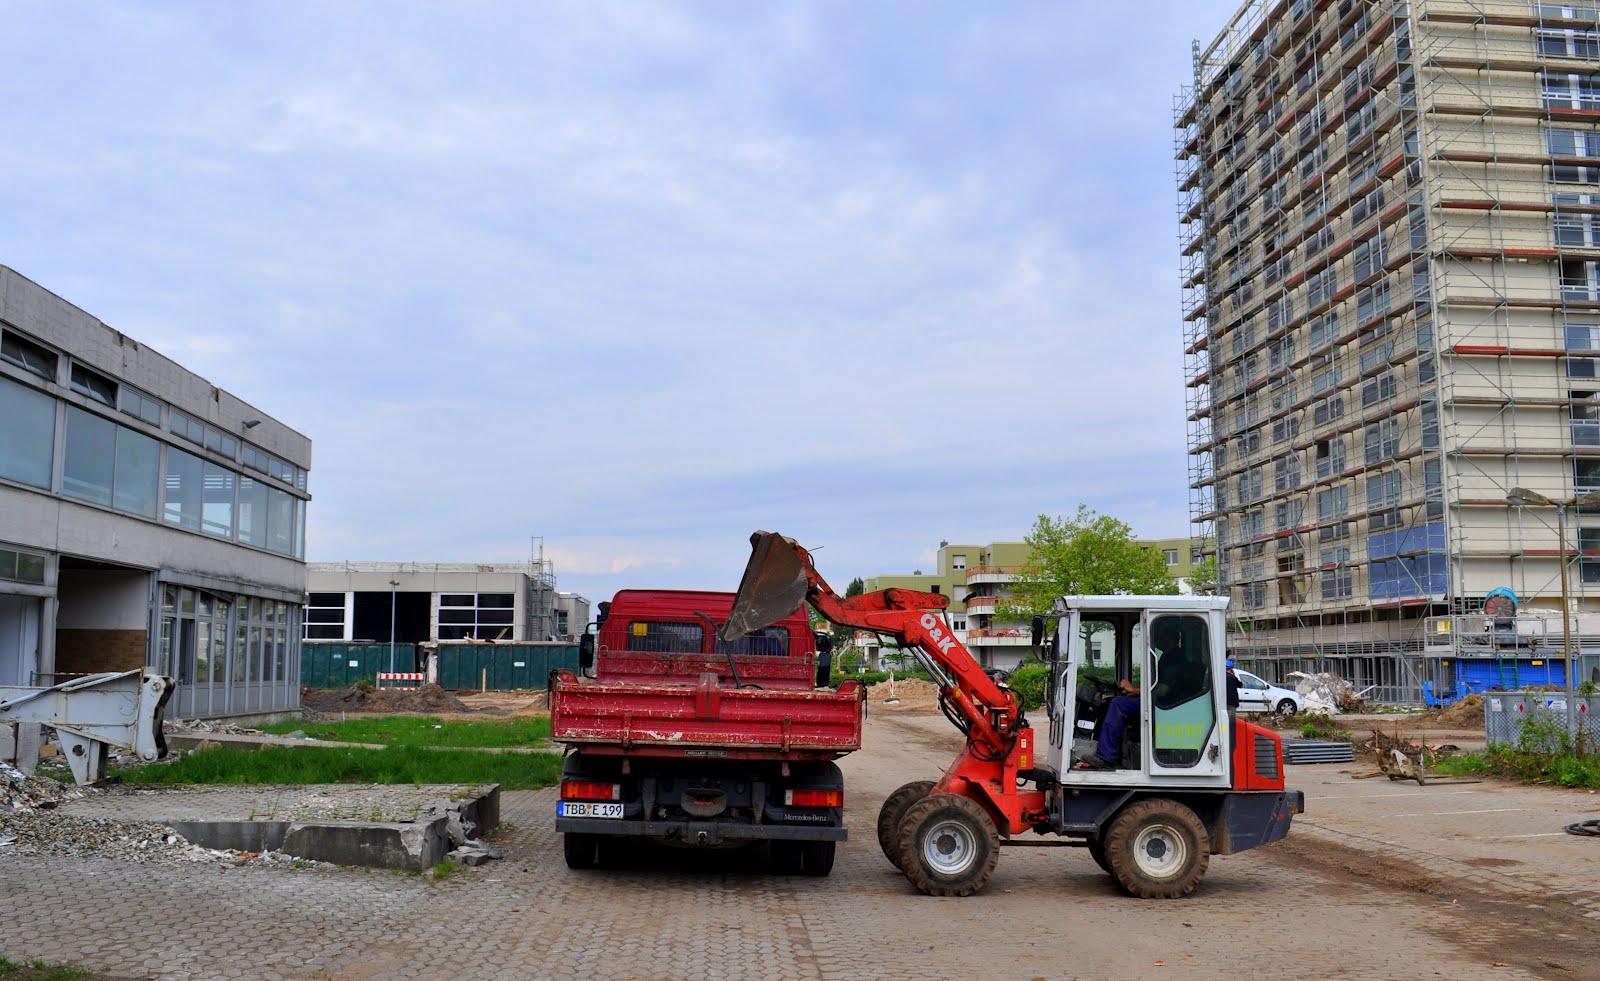 Beseitigung von Bauschutt. Im Hintergrund die Turnhalle